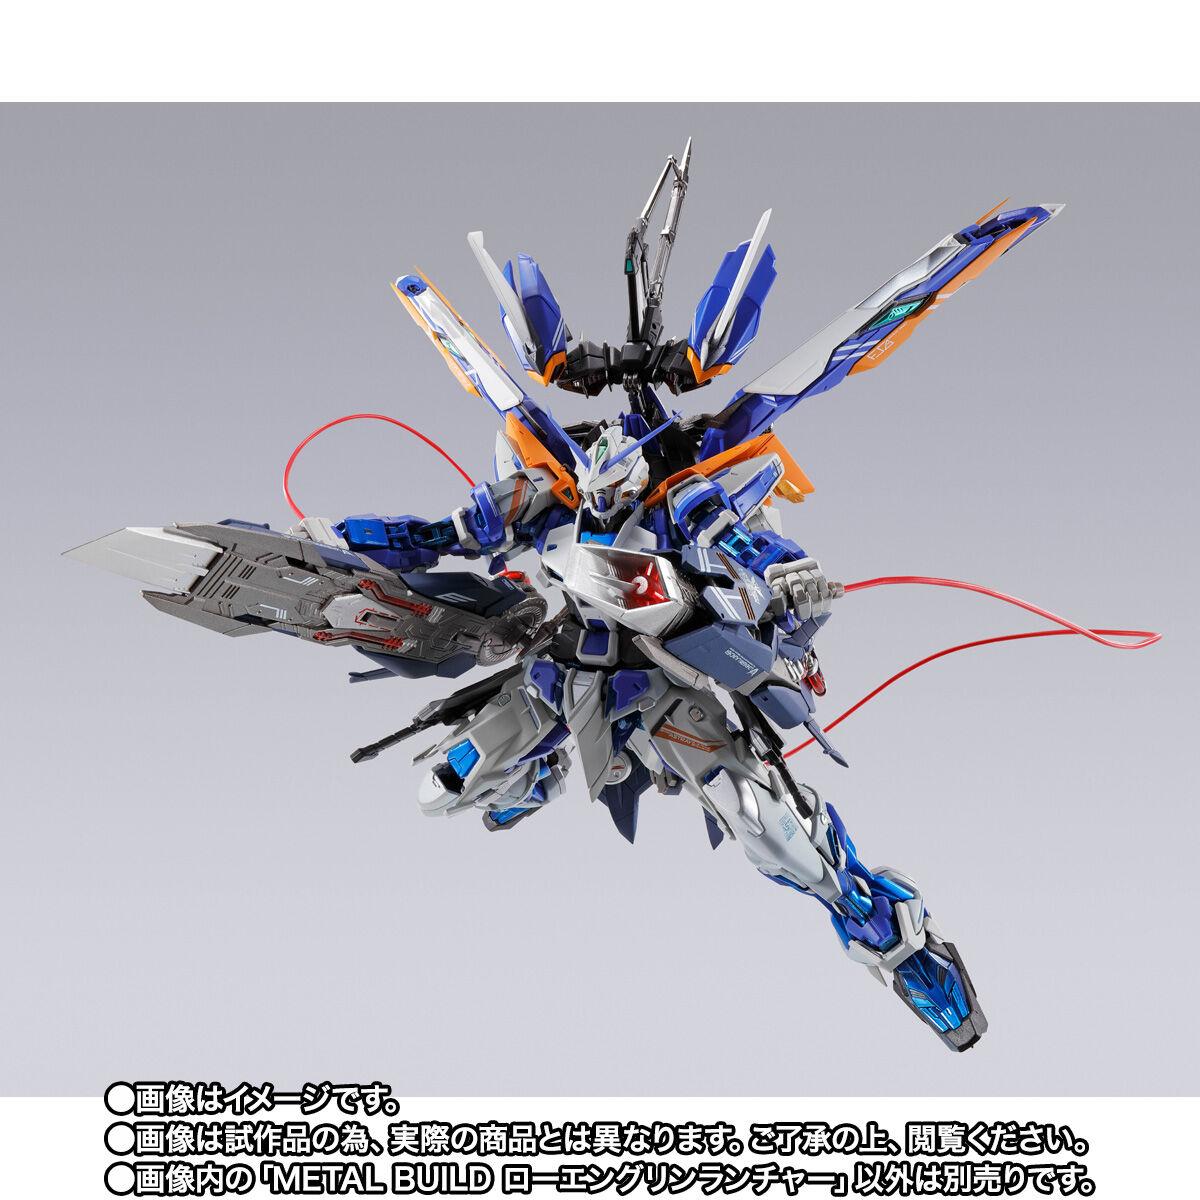 【限定販売】METAL BUILD『ローエングリンランチャー』機動戦士ガンダムSEED ASTRAY 可動フィギュア-004